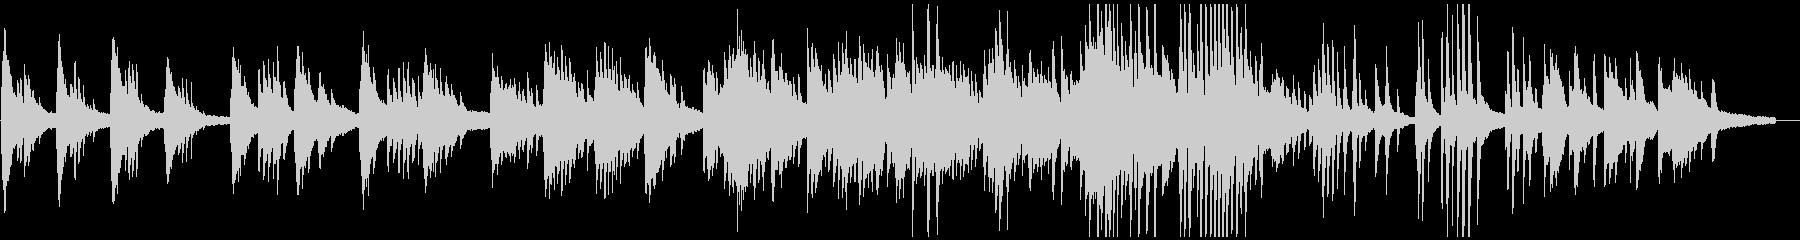 ピアノソロによる赤とんぼの未再生の波形